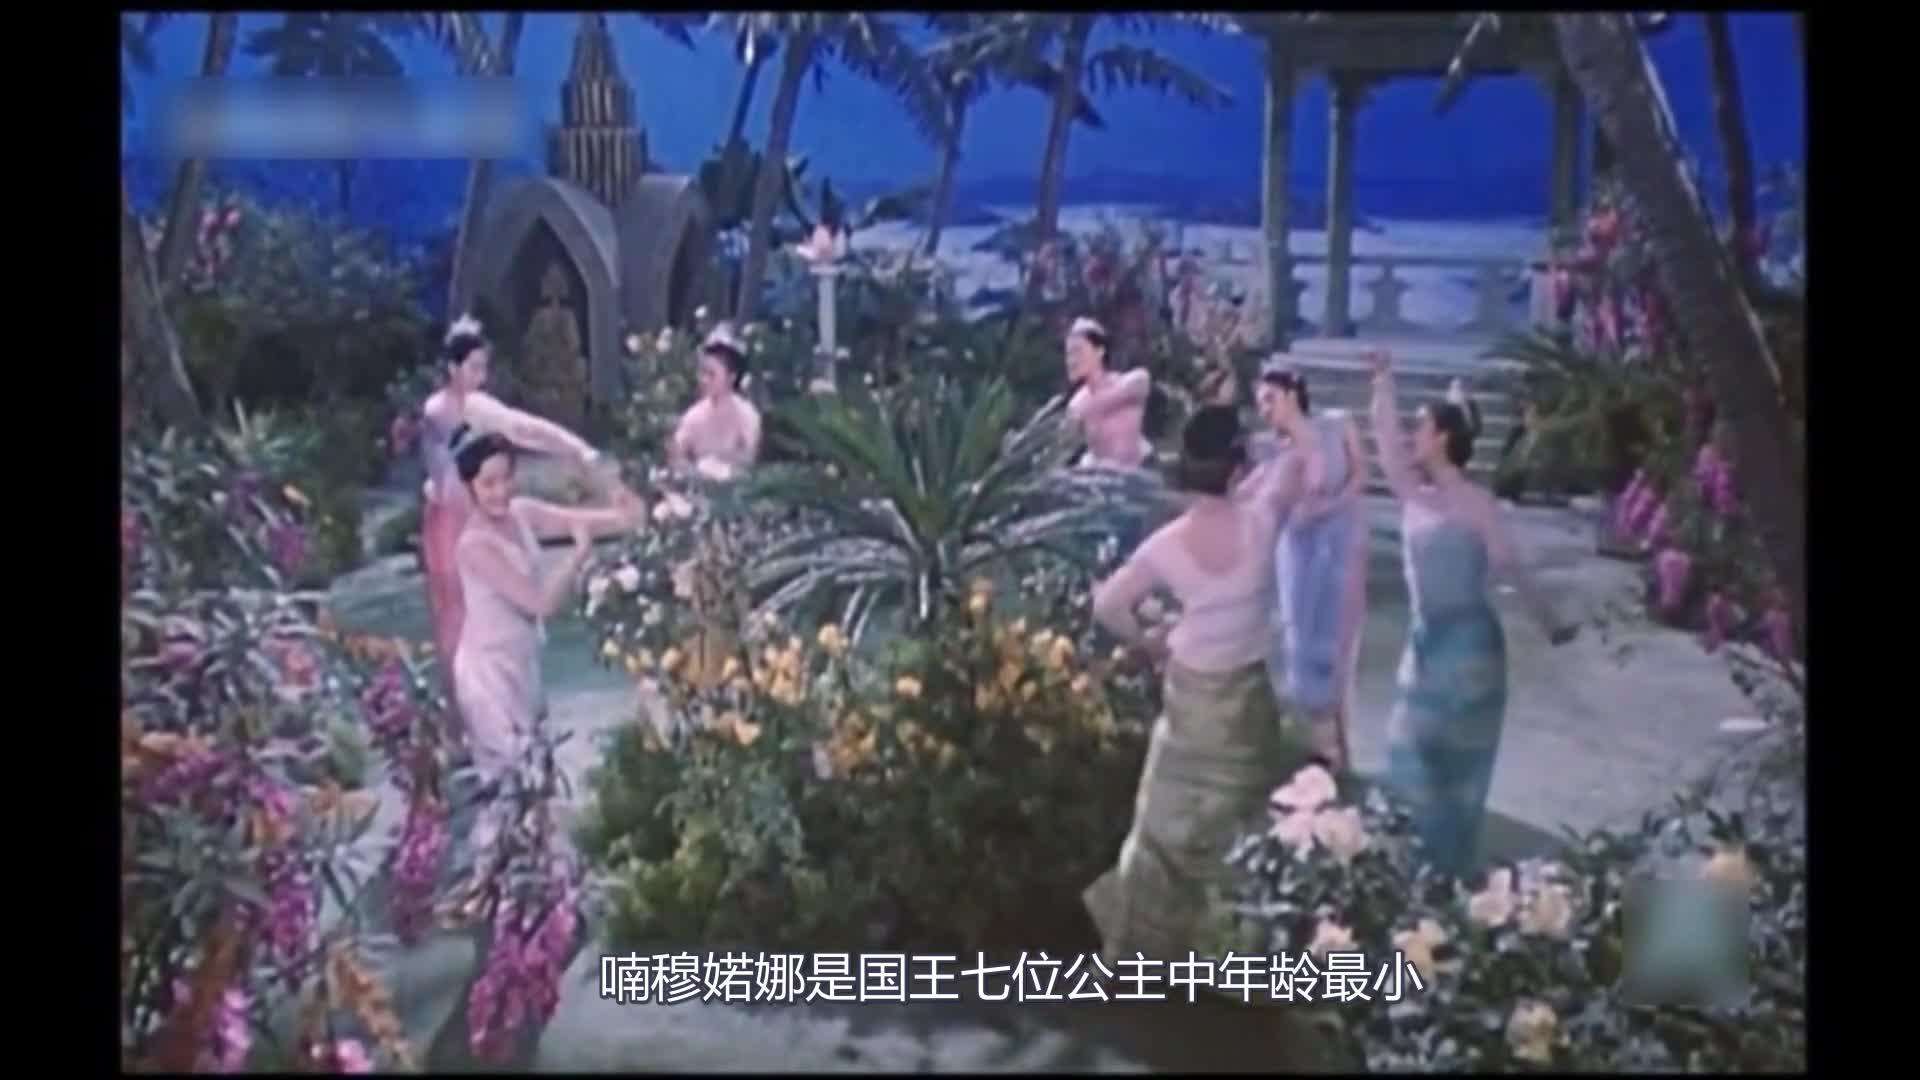 傣族神话爱情故事《孔雀公主》,唐国强老师颜值爆表!